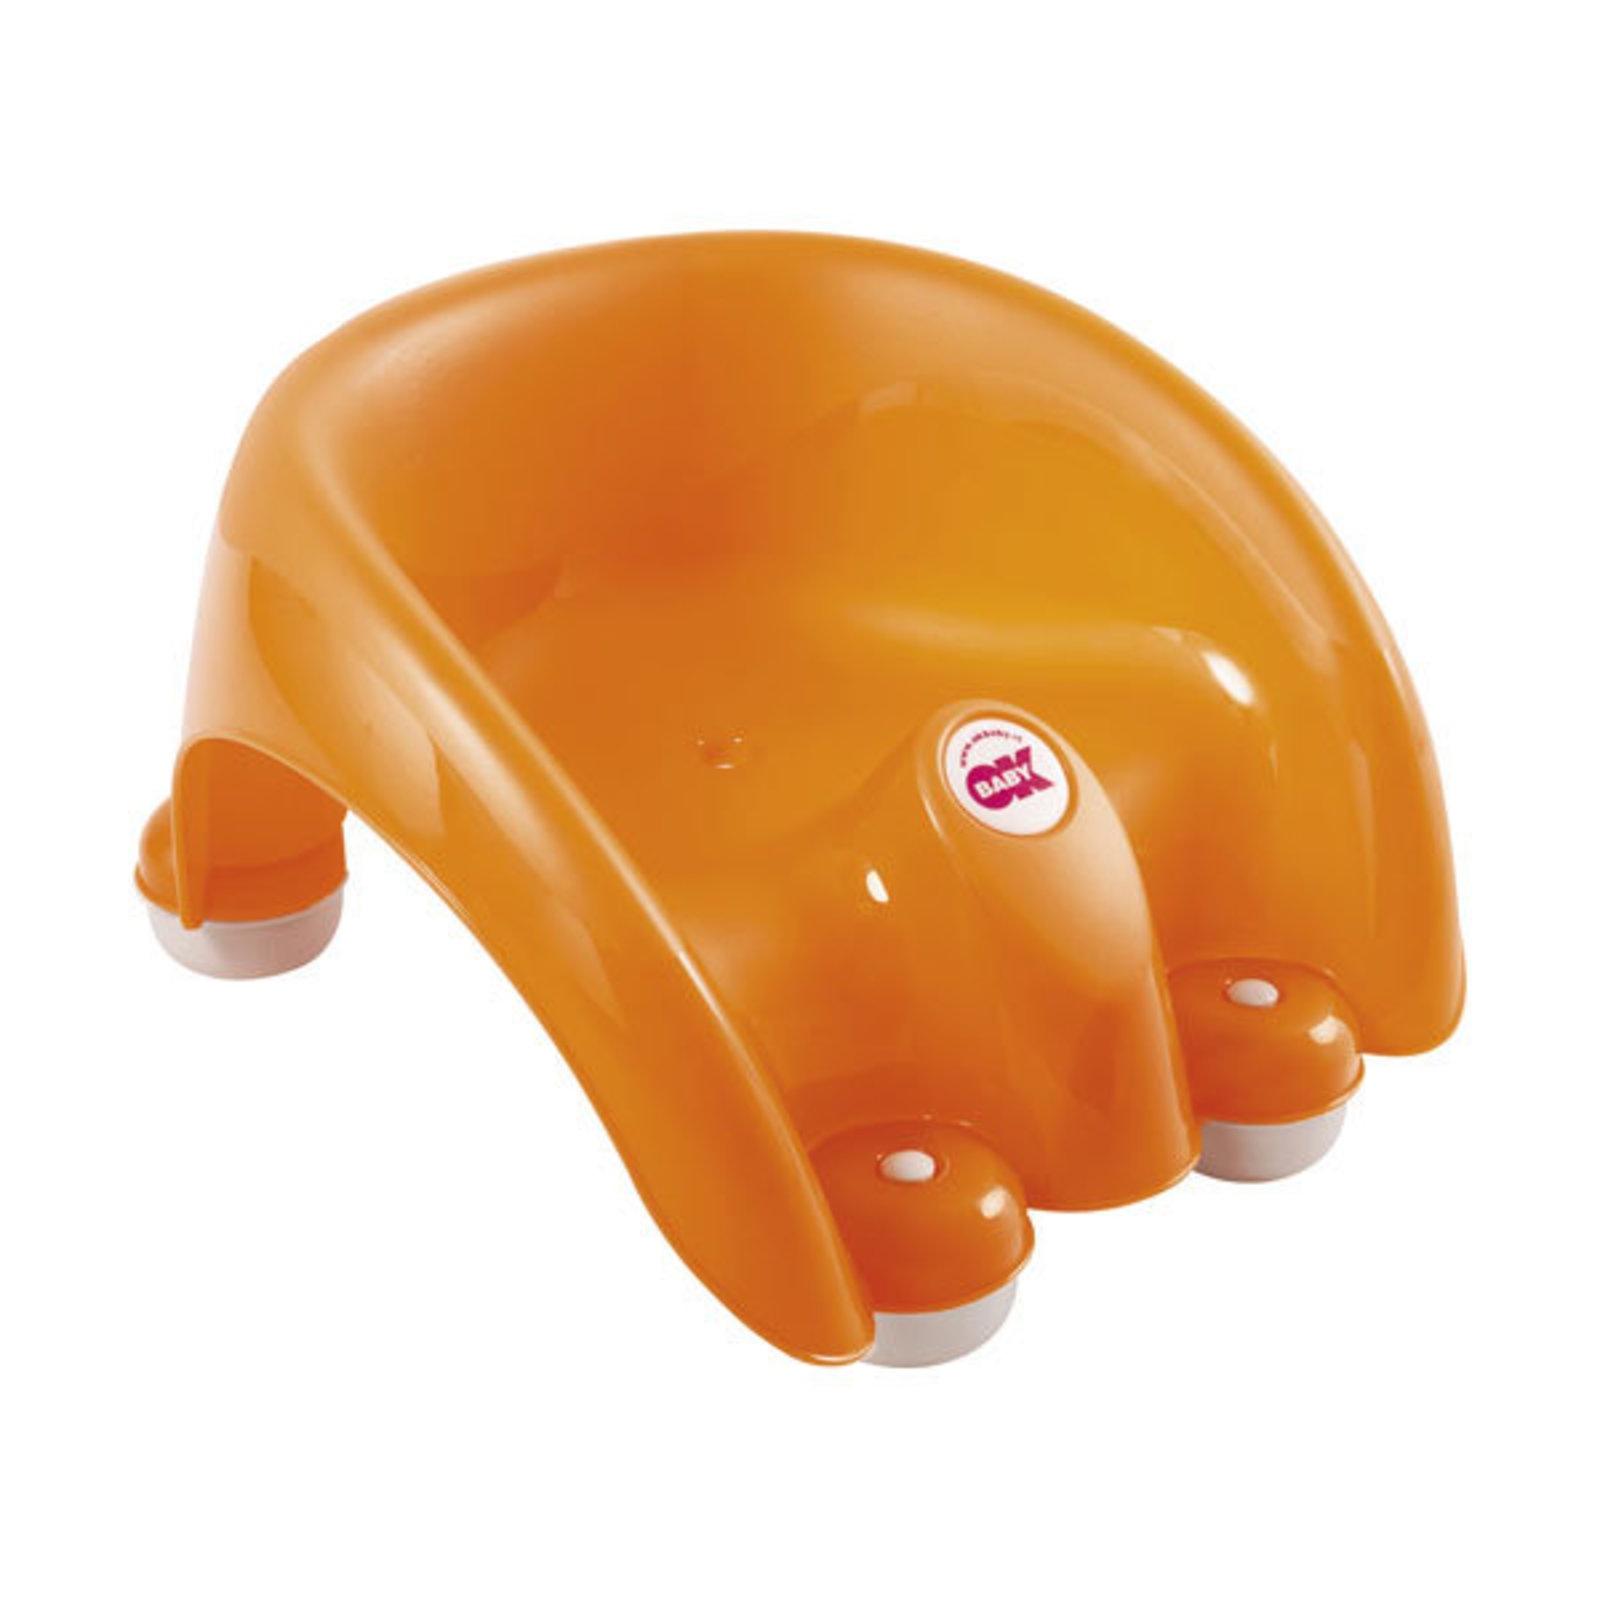 Стульчик для купания OK BABY POUF оранжевый